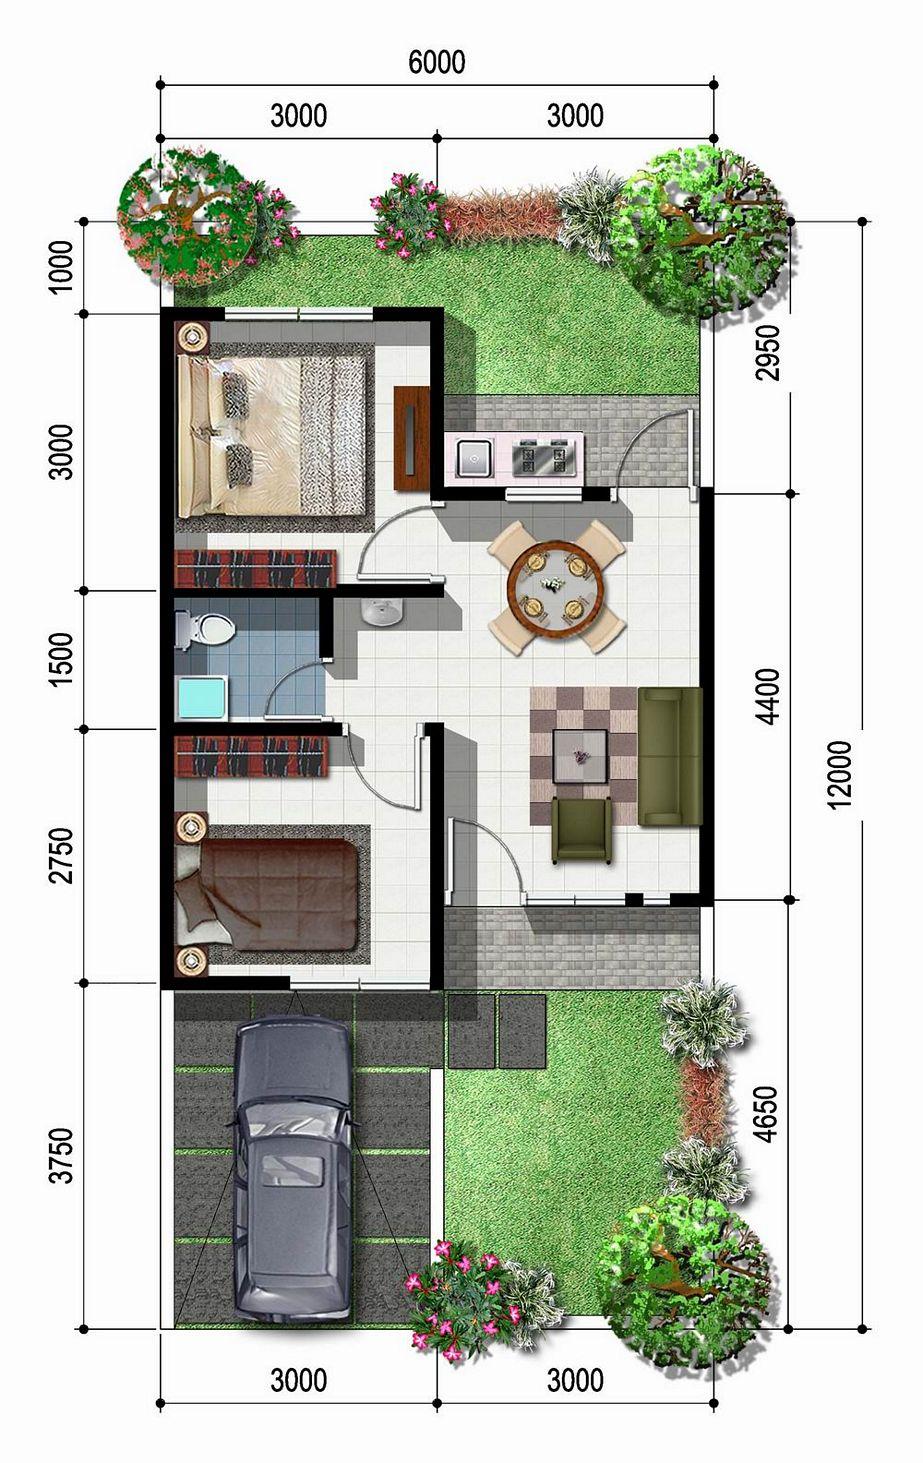 gambar denah rumah type 45 model minimalis yang populer